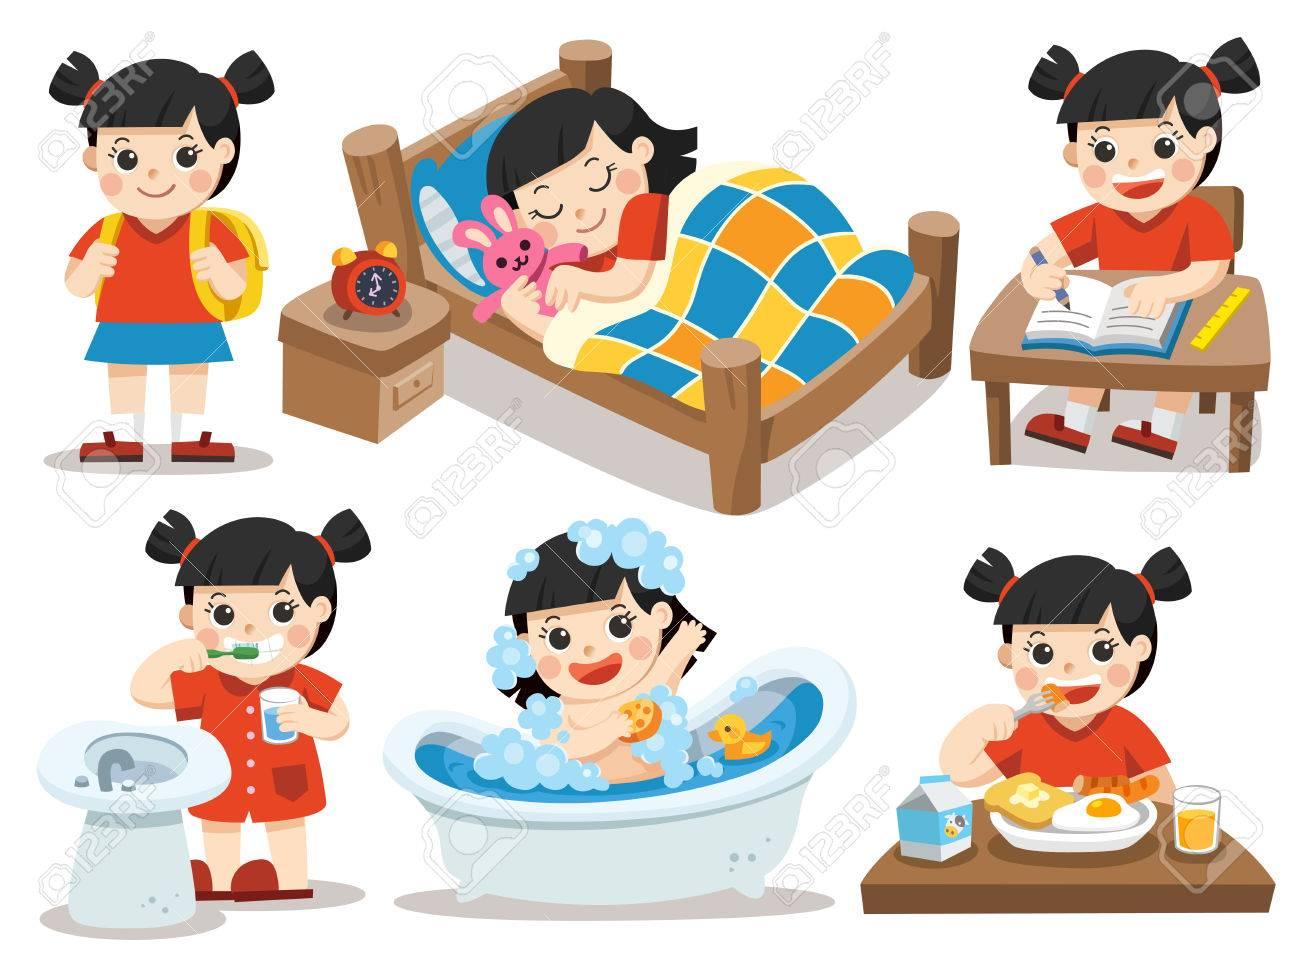 la rutina diaria de nia asitica sobre un fondo blanco dormir cepillar los dientes tomar un bao comer hacer la tarea